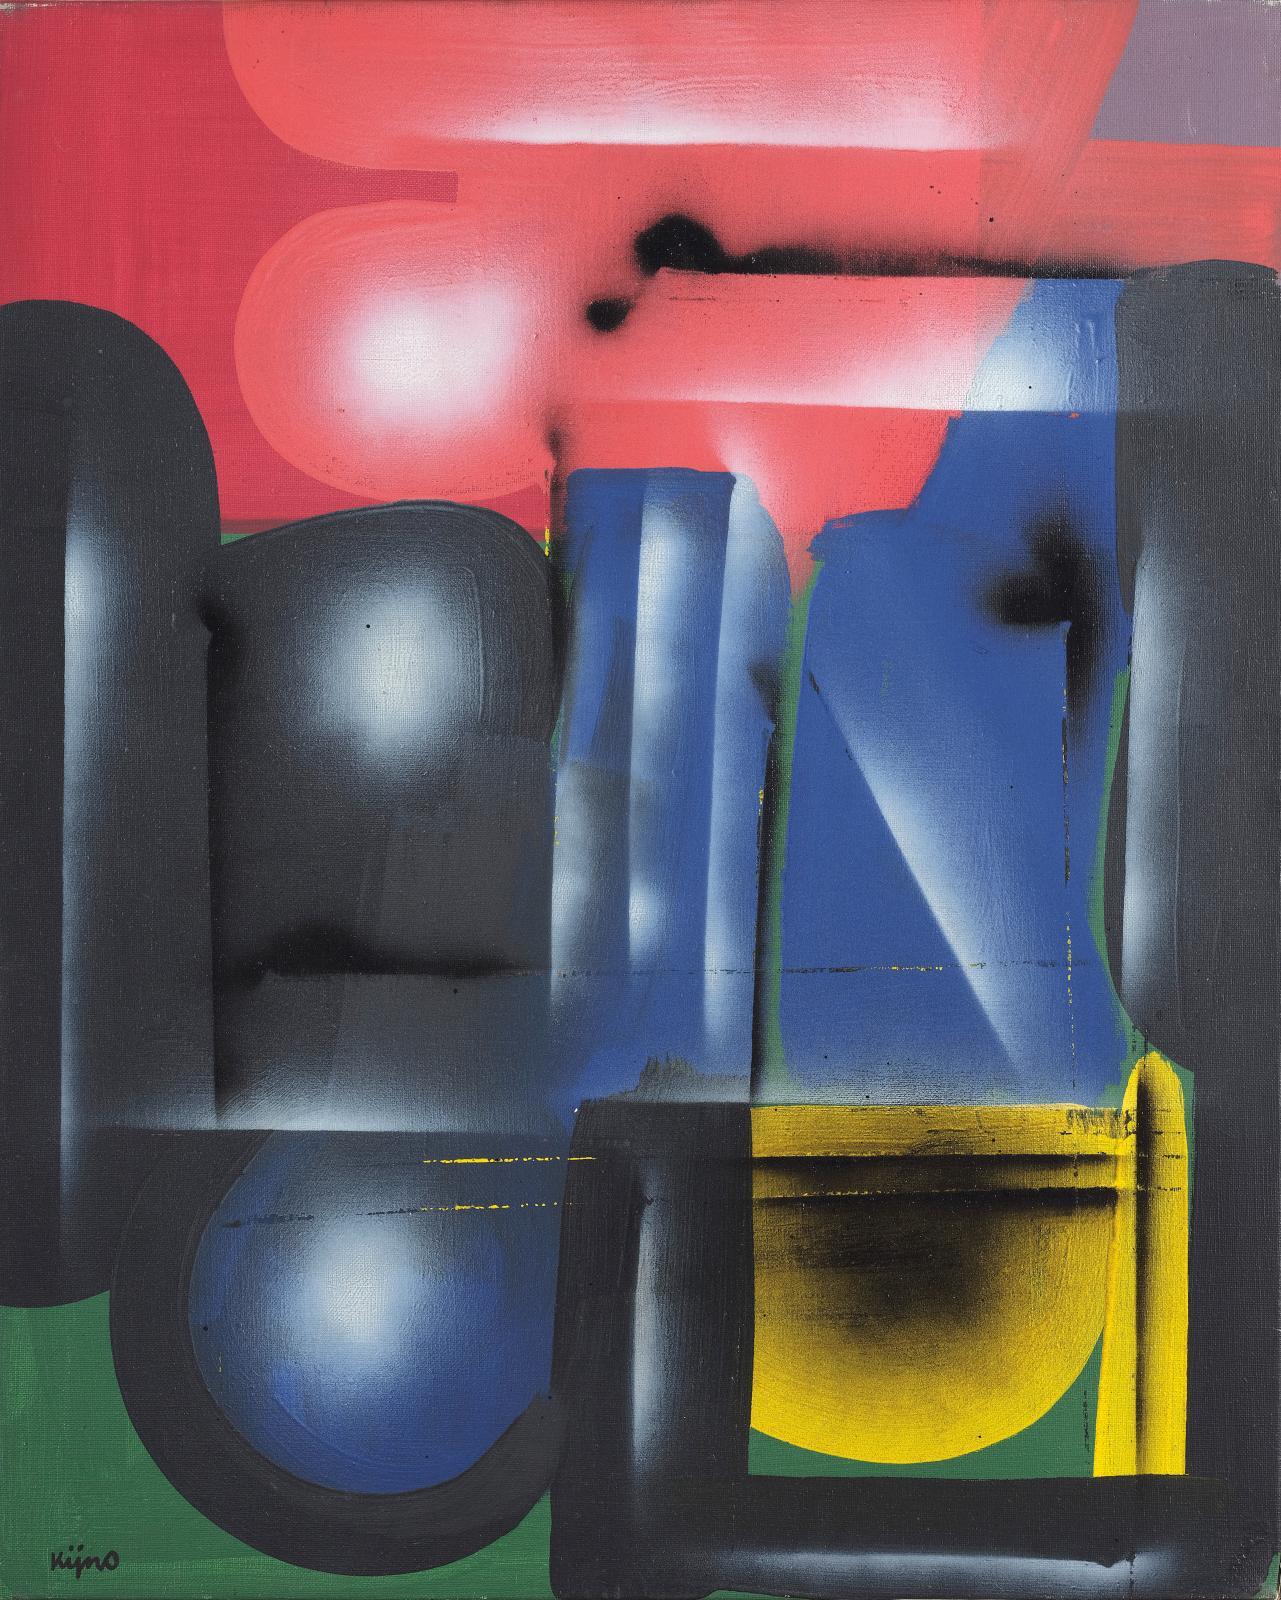 Ladislas Kijno (1921-2012), Composition verte, bleue, jaune, rouge et noire, huile sur toile signée en noir en bas à gauche, 81x65 cm. E